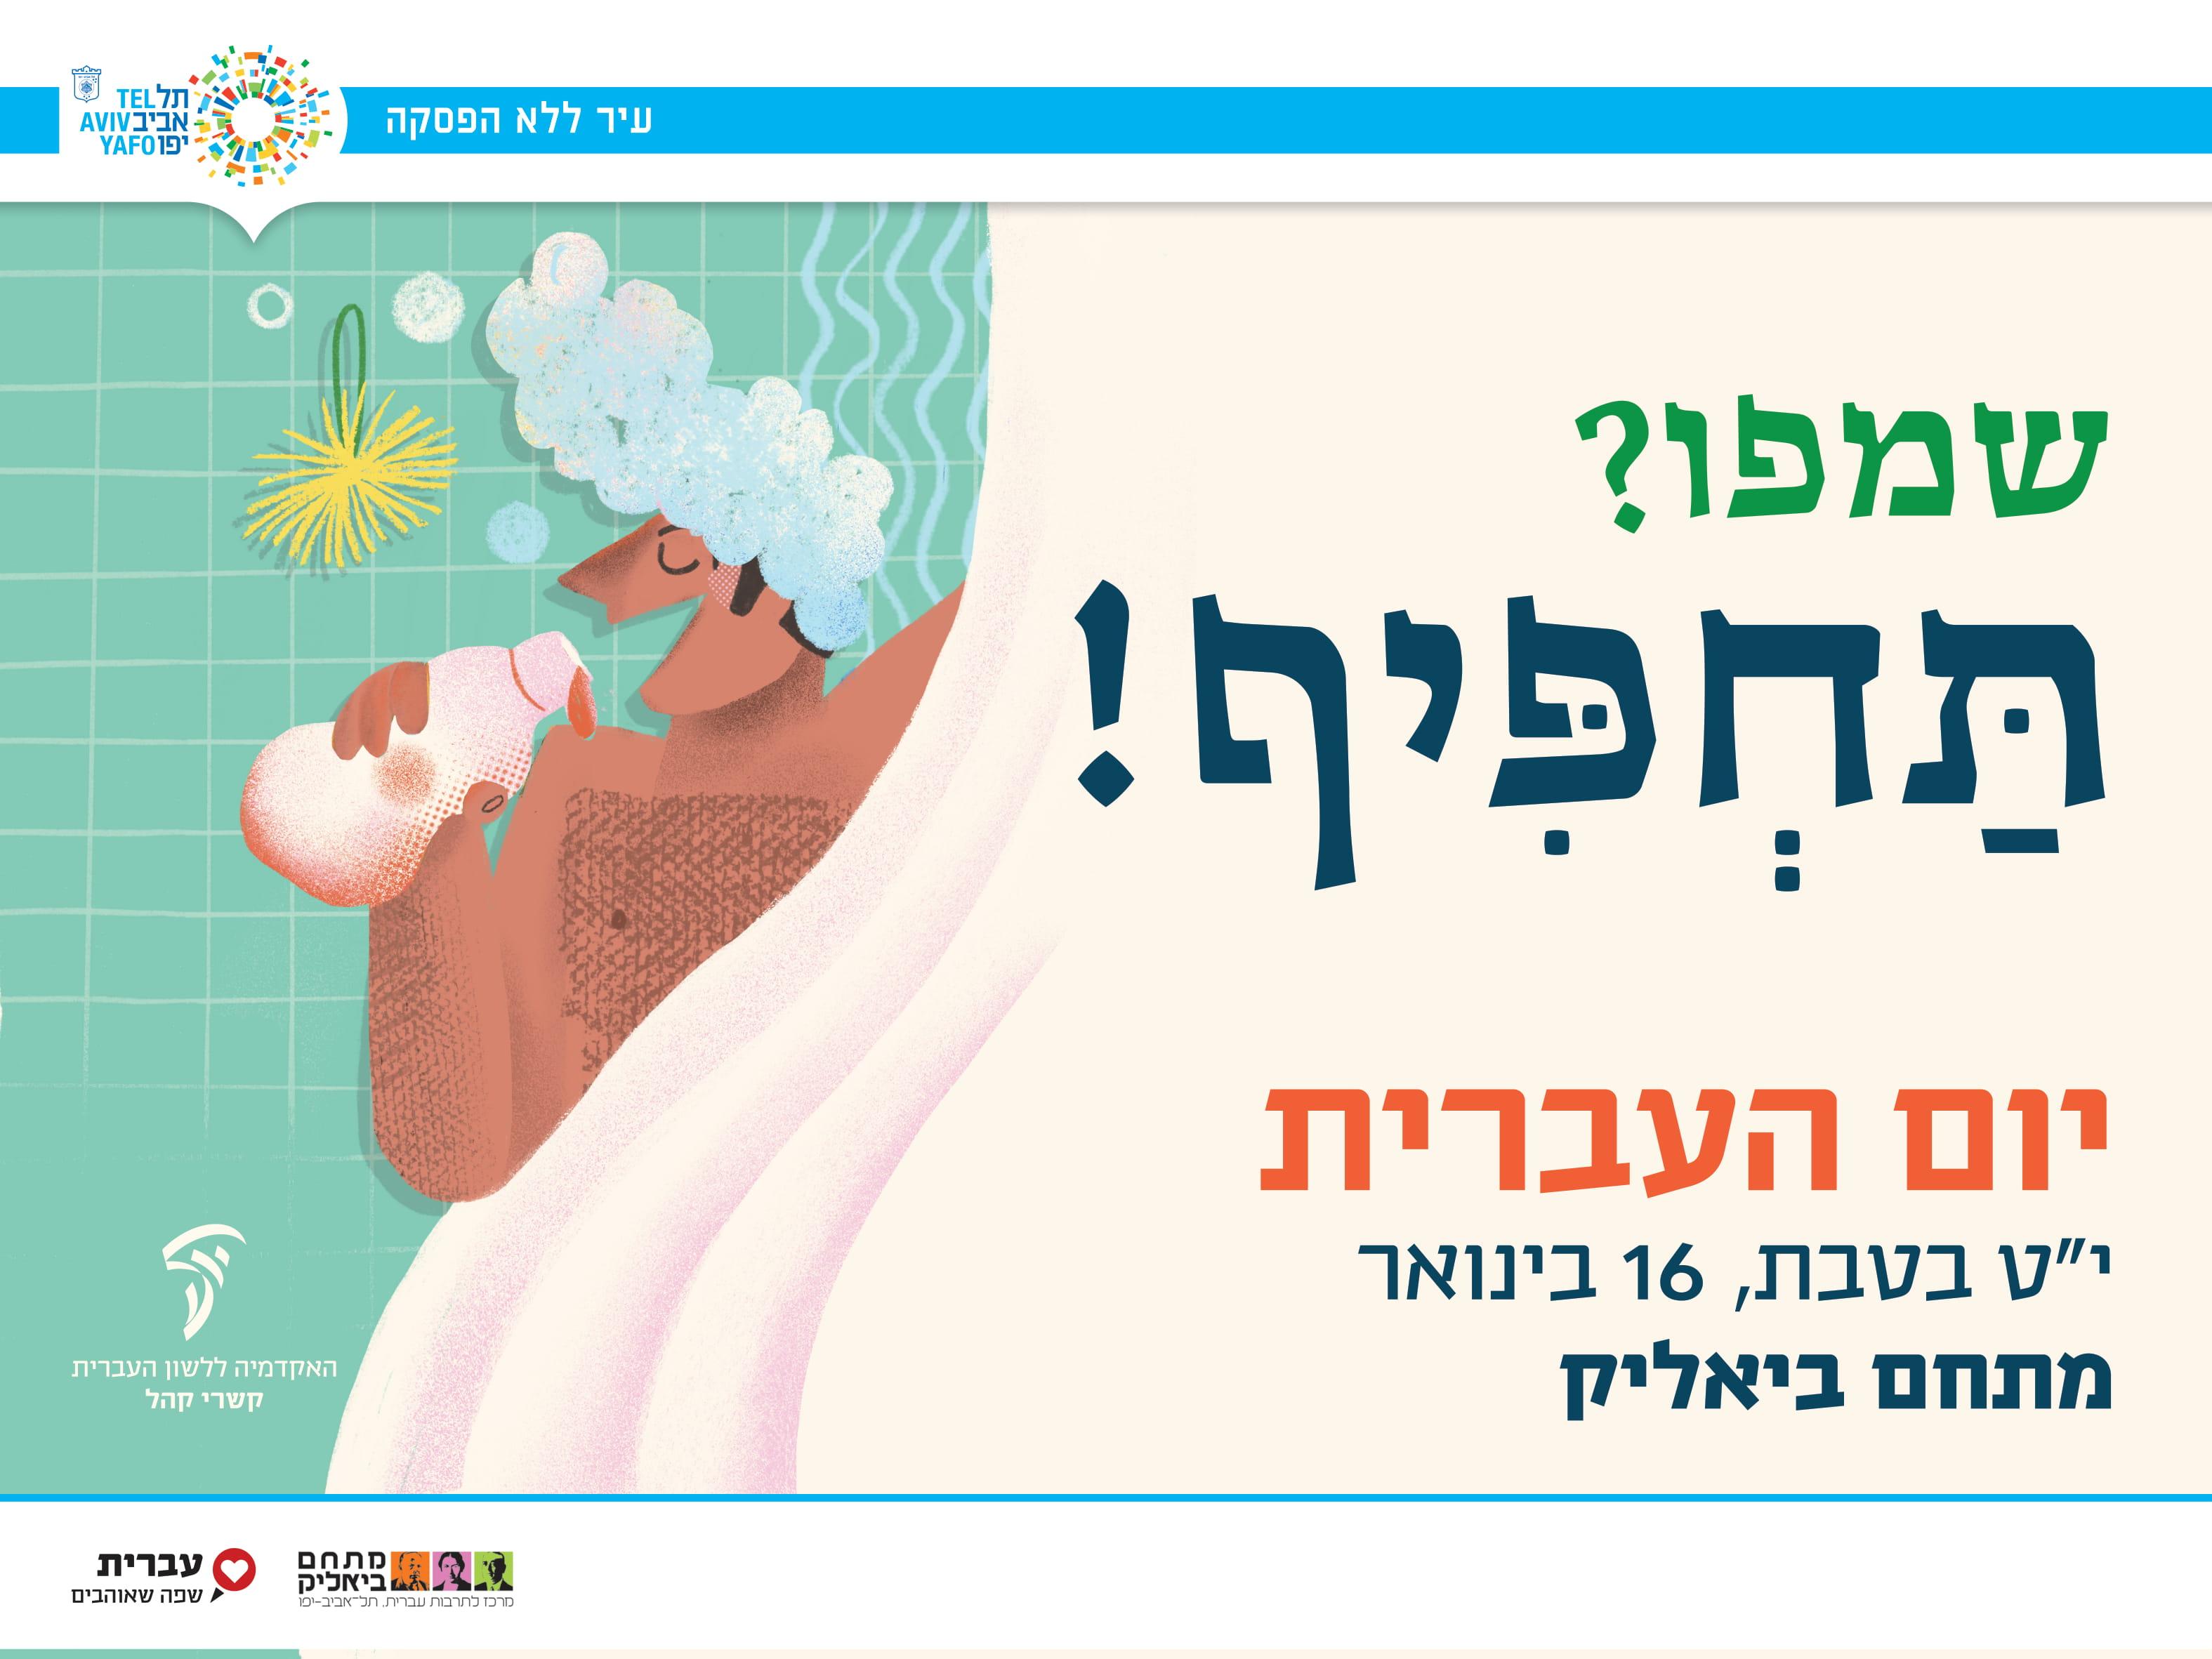 יום העברית 2019 עיריית תל אביב